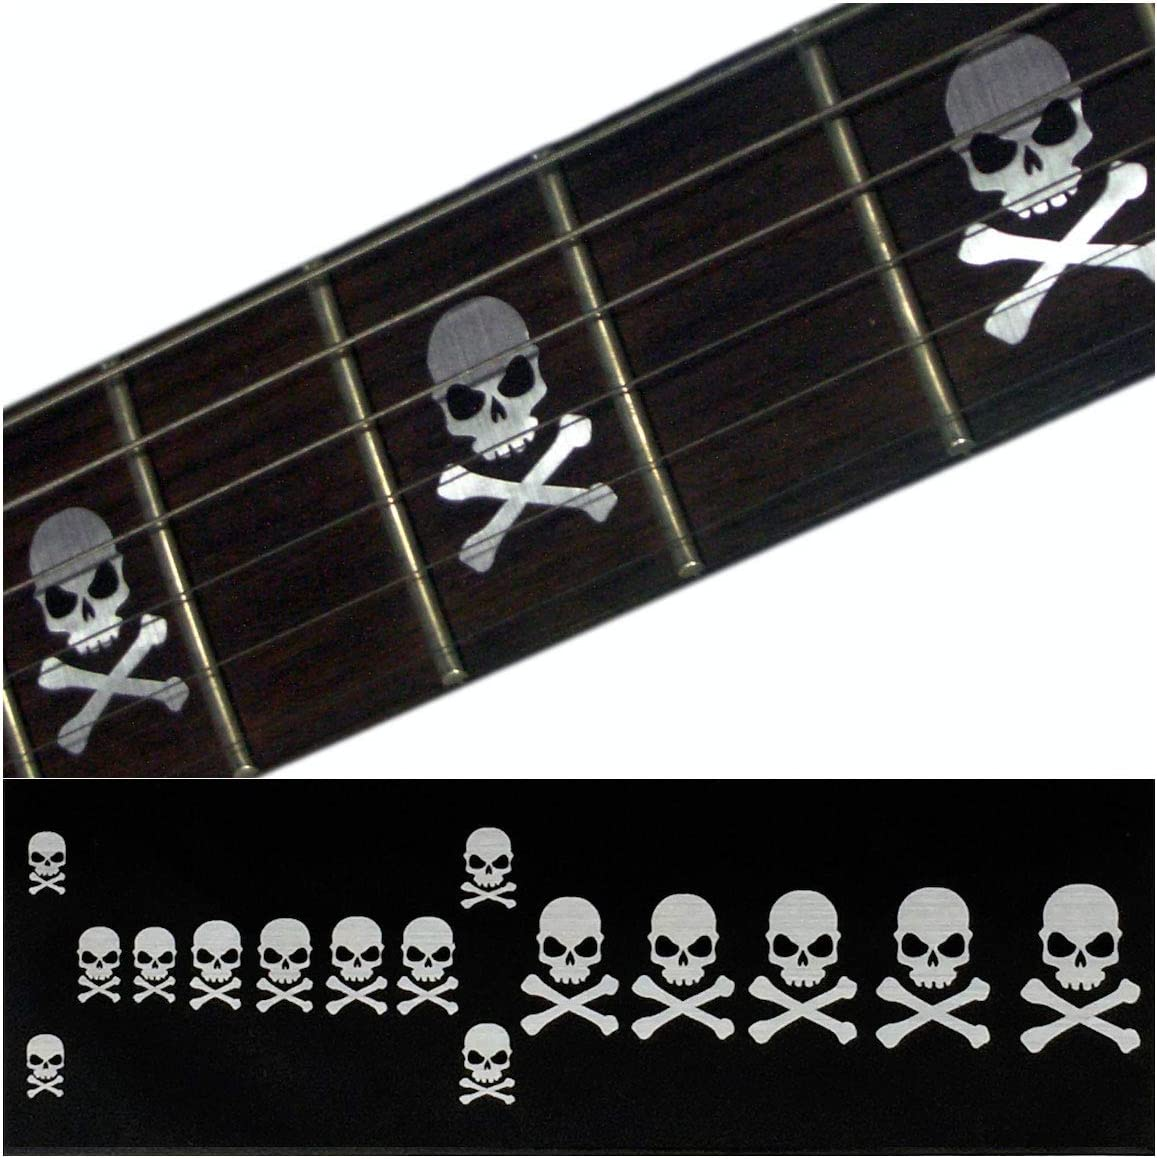 Pegatinas para diapasón con incrustaciones de pegatinas para guitarra y bajo, diseño de calaveras laterales con huesos cruzados, color metálico